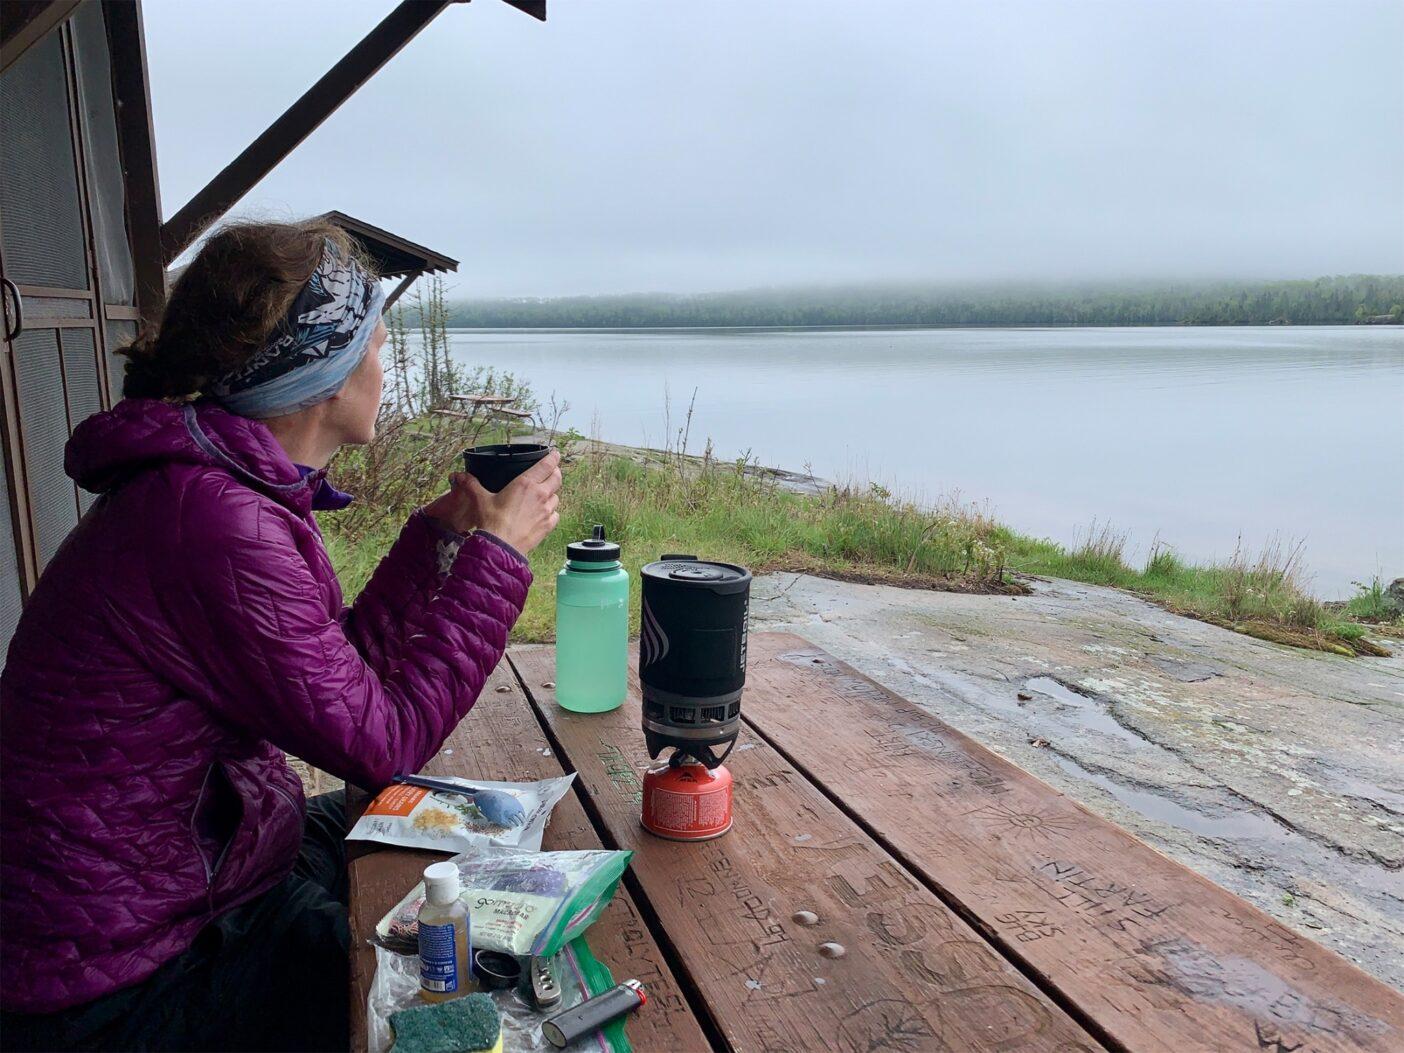 モスキーベイシンで、嵐が広がるのを見ながらホットティーを飲む。Photo: Monica Prelle